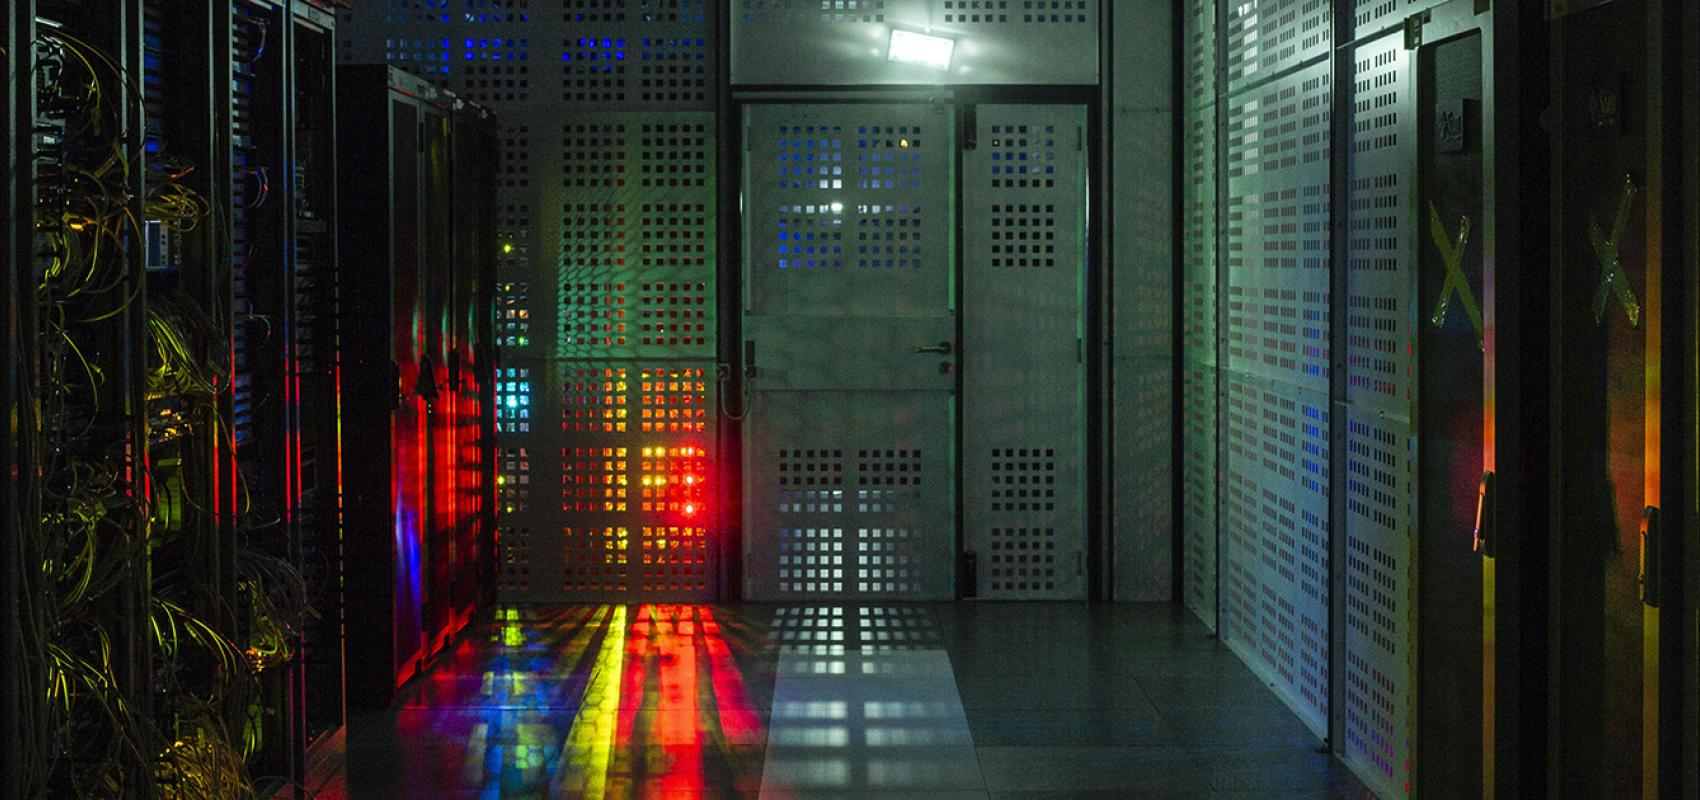 Salle des machines de la BnF © Gilles Coulon, BnF